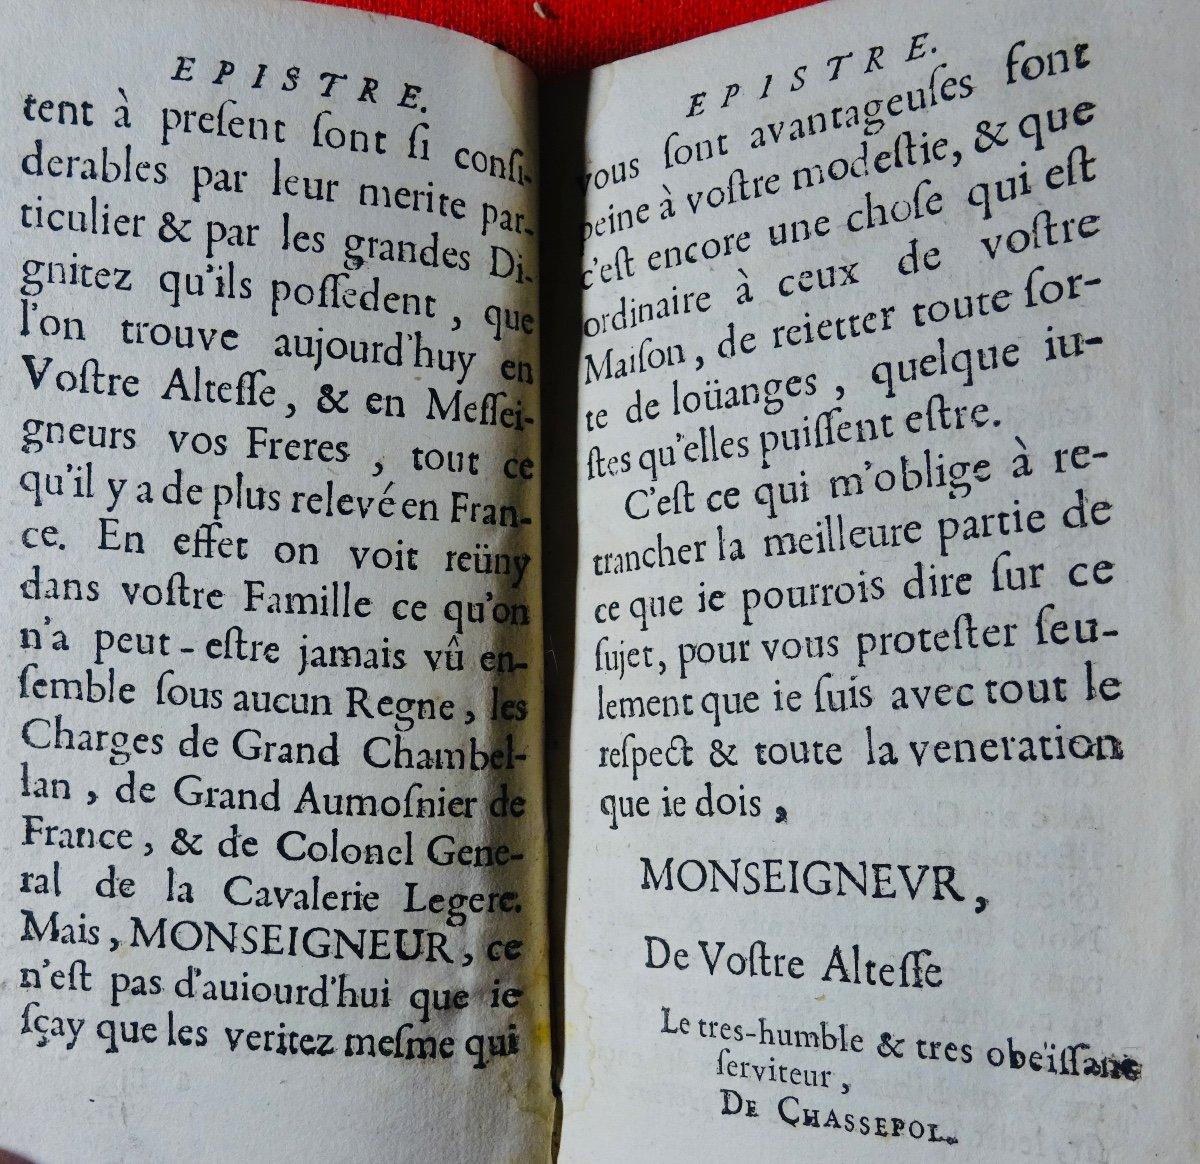 [chassepol] - Histoire Des Grands Vizirs Mahomet Coprogli-pacha, Et Ahcmet Coprogli-pacha. 1676-photo-3